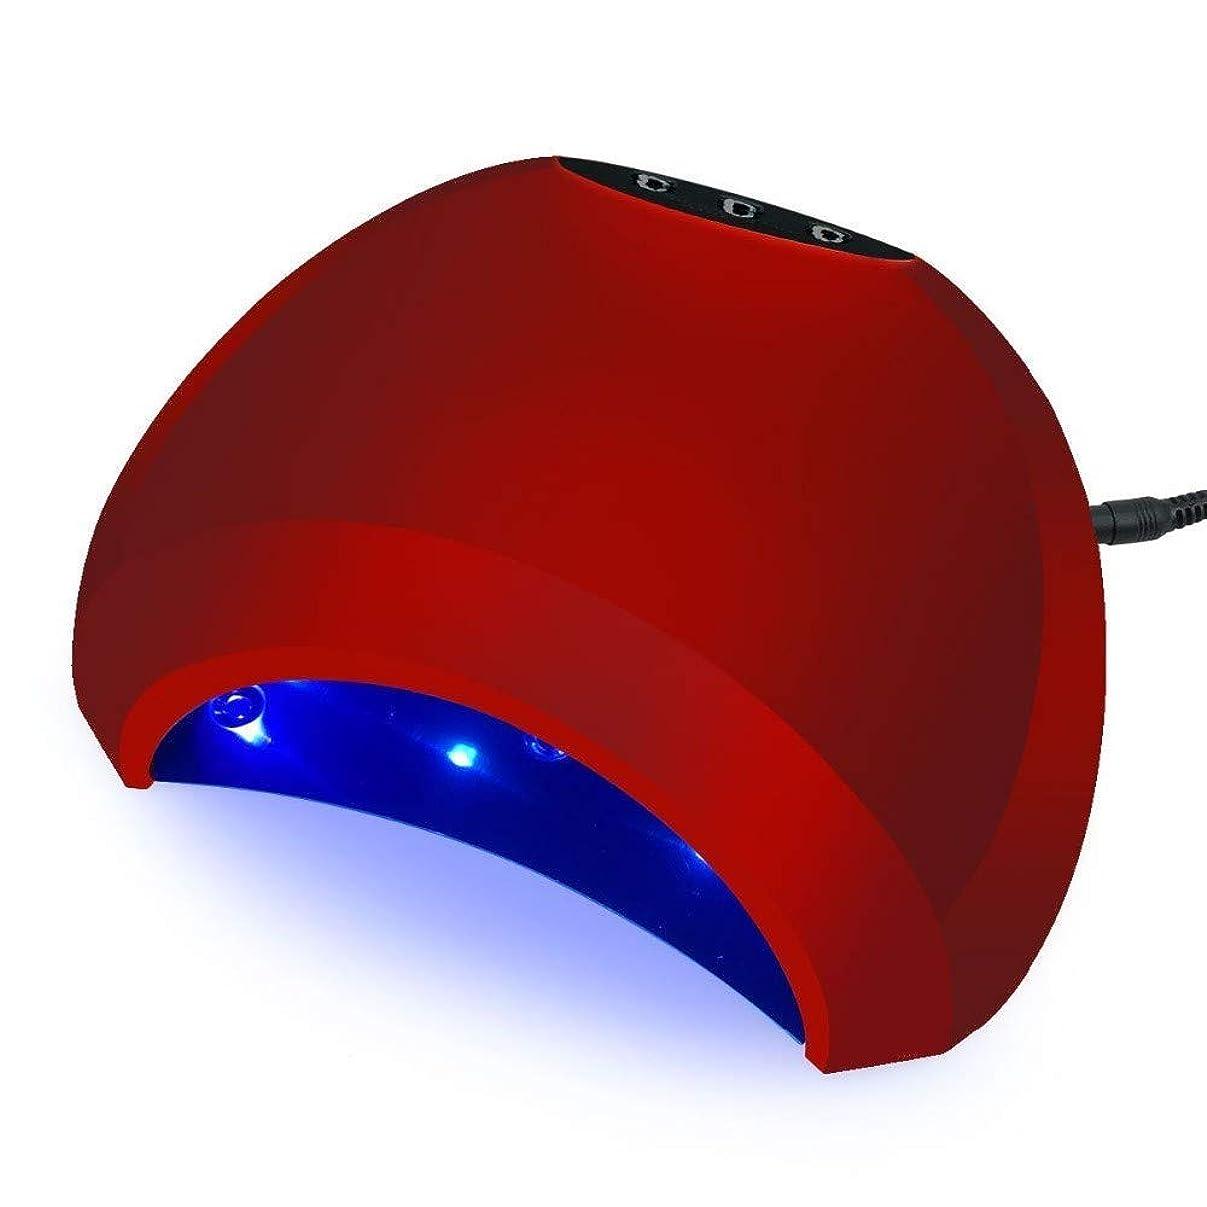 塊政治家の子犬ネイルドライヤー2019新しい48W太陽ランプマニキュア乾燥用UV LEDランプ用ネイルドライヤーネイルマニキュア機用ネイルポリッシュアイスランプ